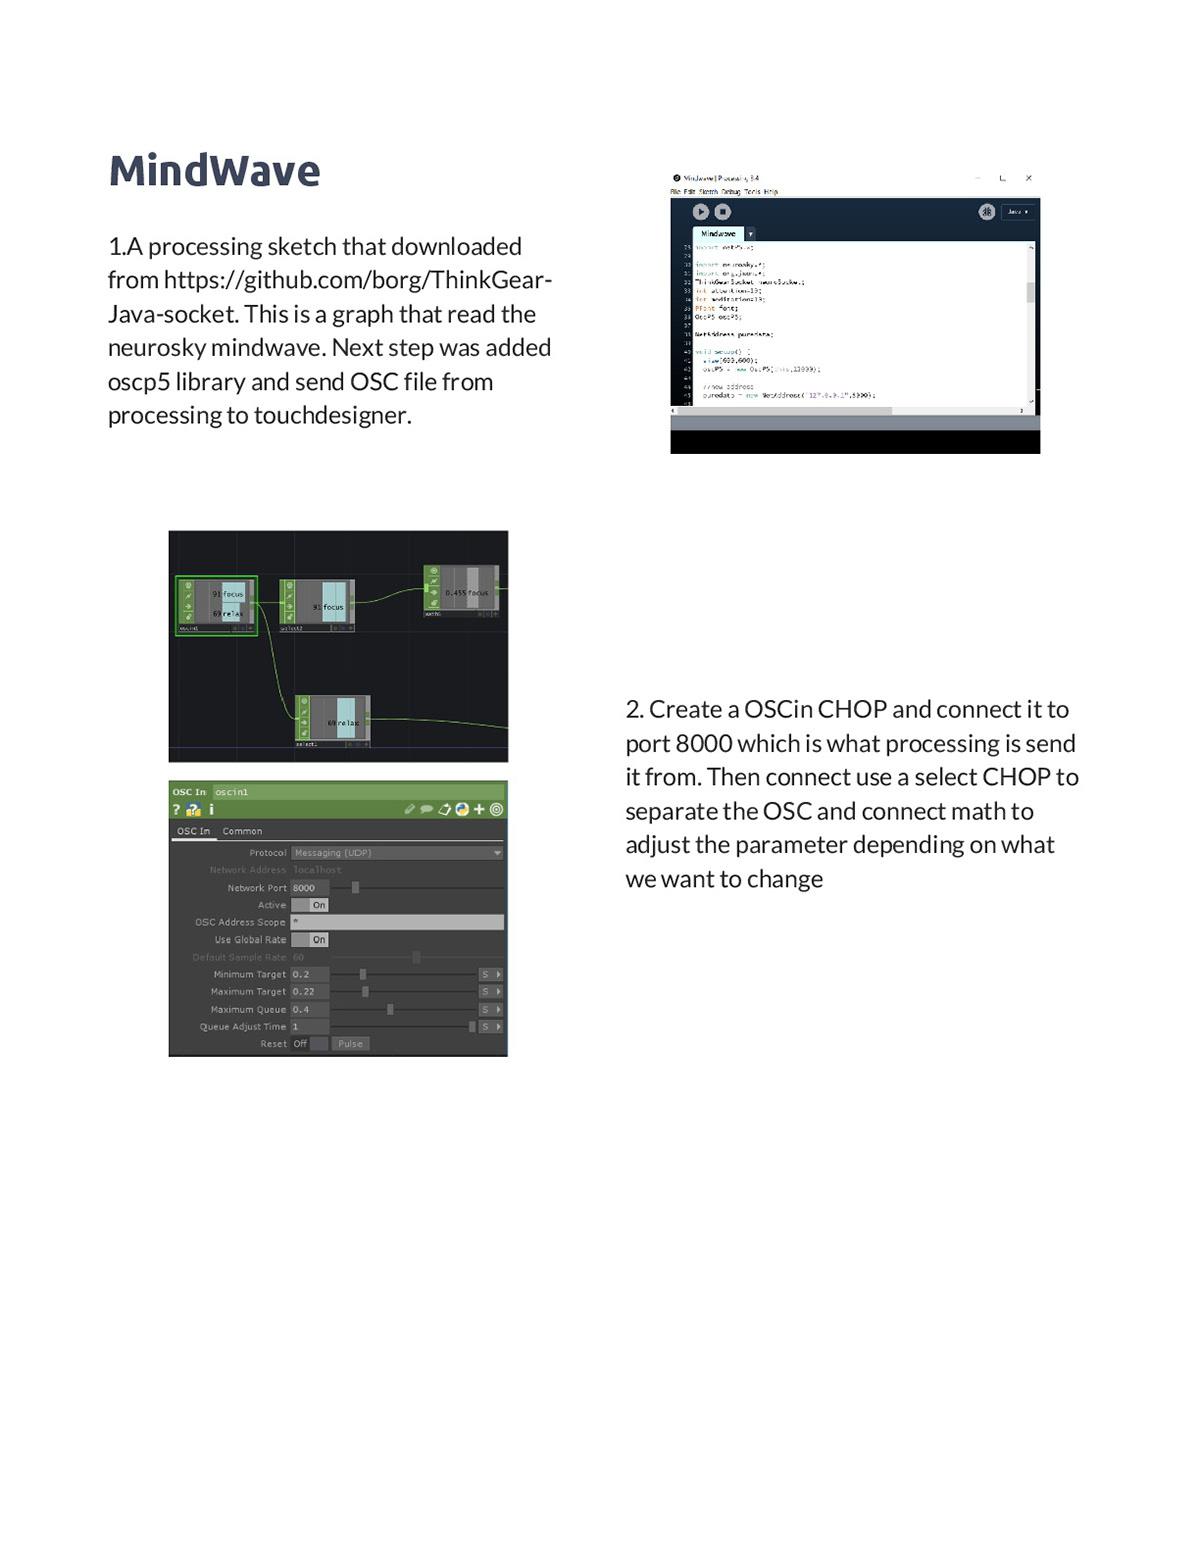 Halo Design documentation on Behance